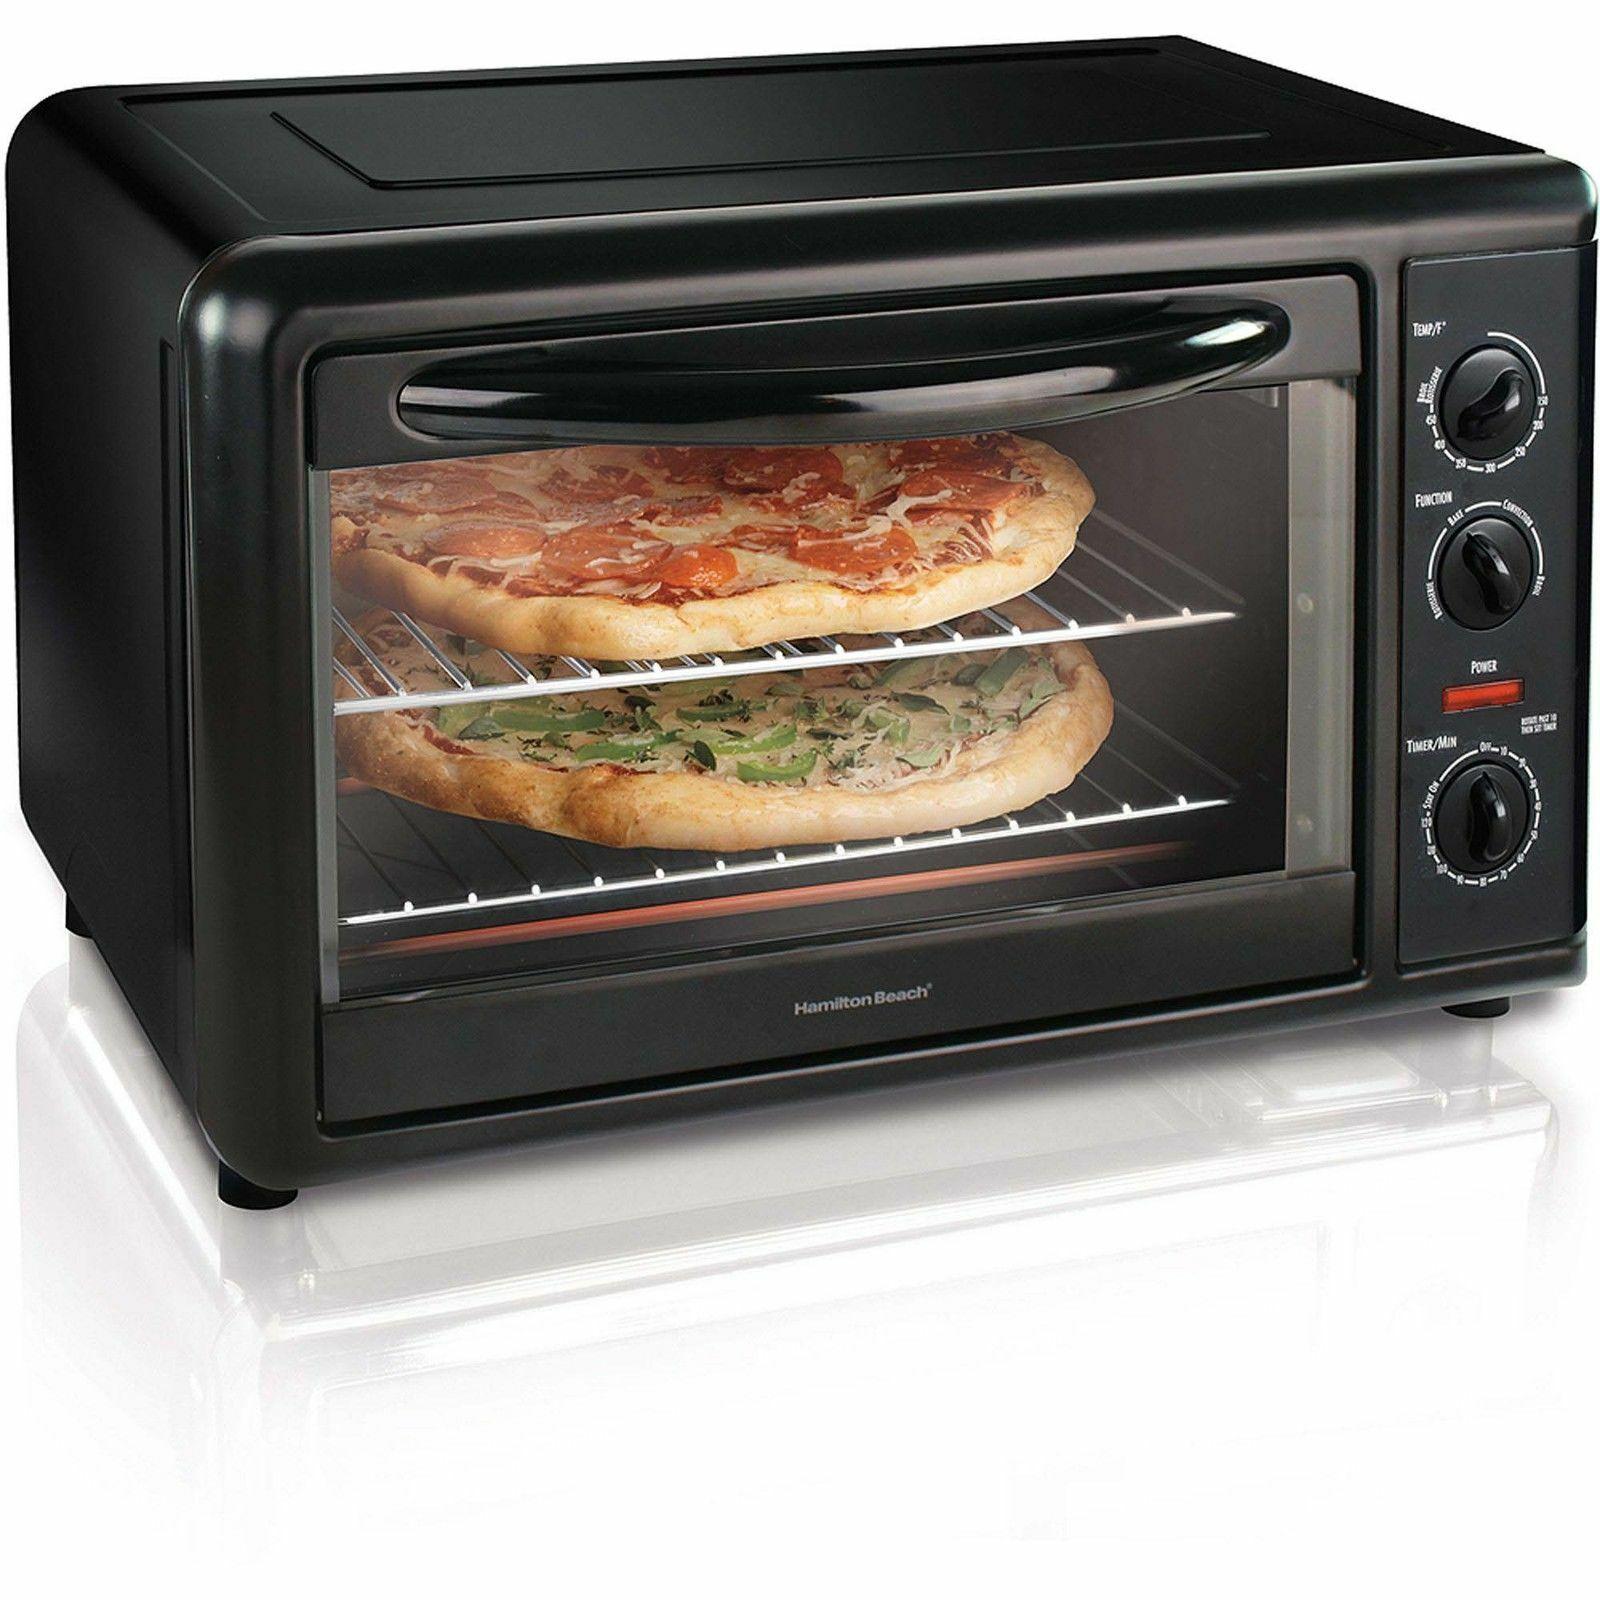 Hamilton Beach Countertop Toaster Oven with Convection, Blac